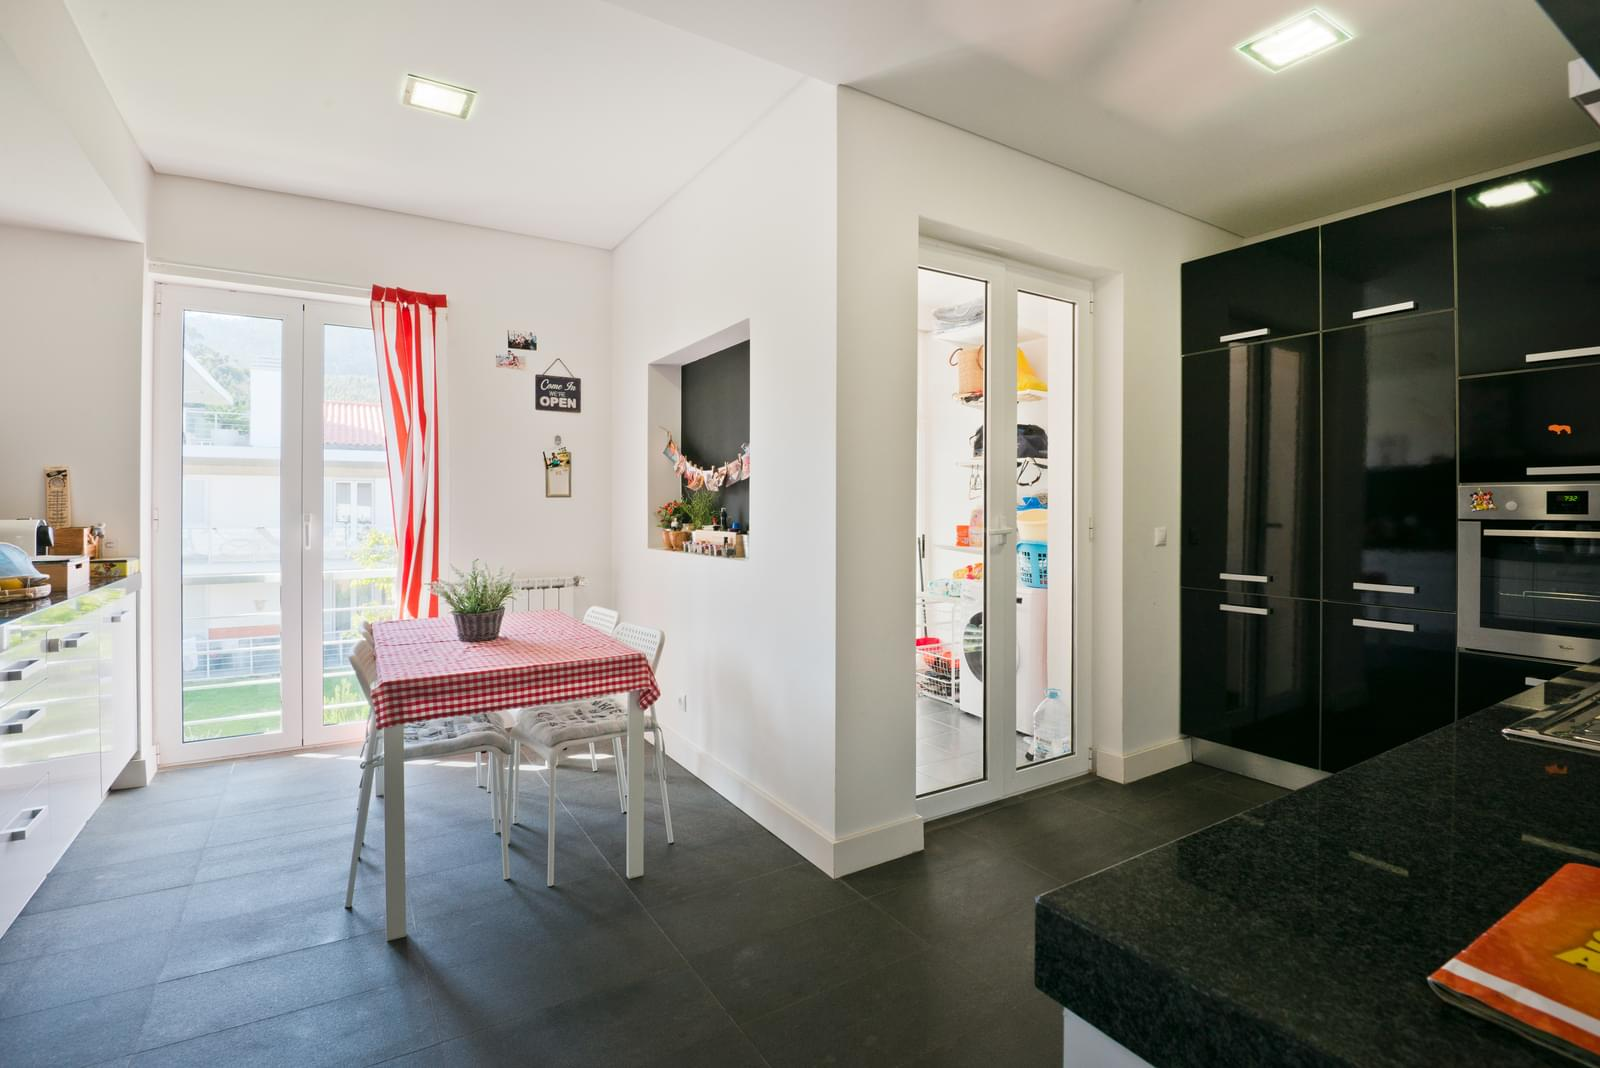 pf17099-apartamento-t3-sintra-21133b03-0114-483f-94b1-a950cea86b0b